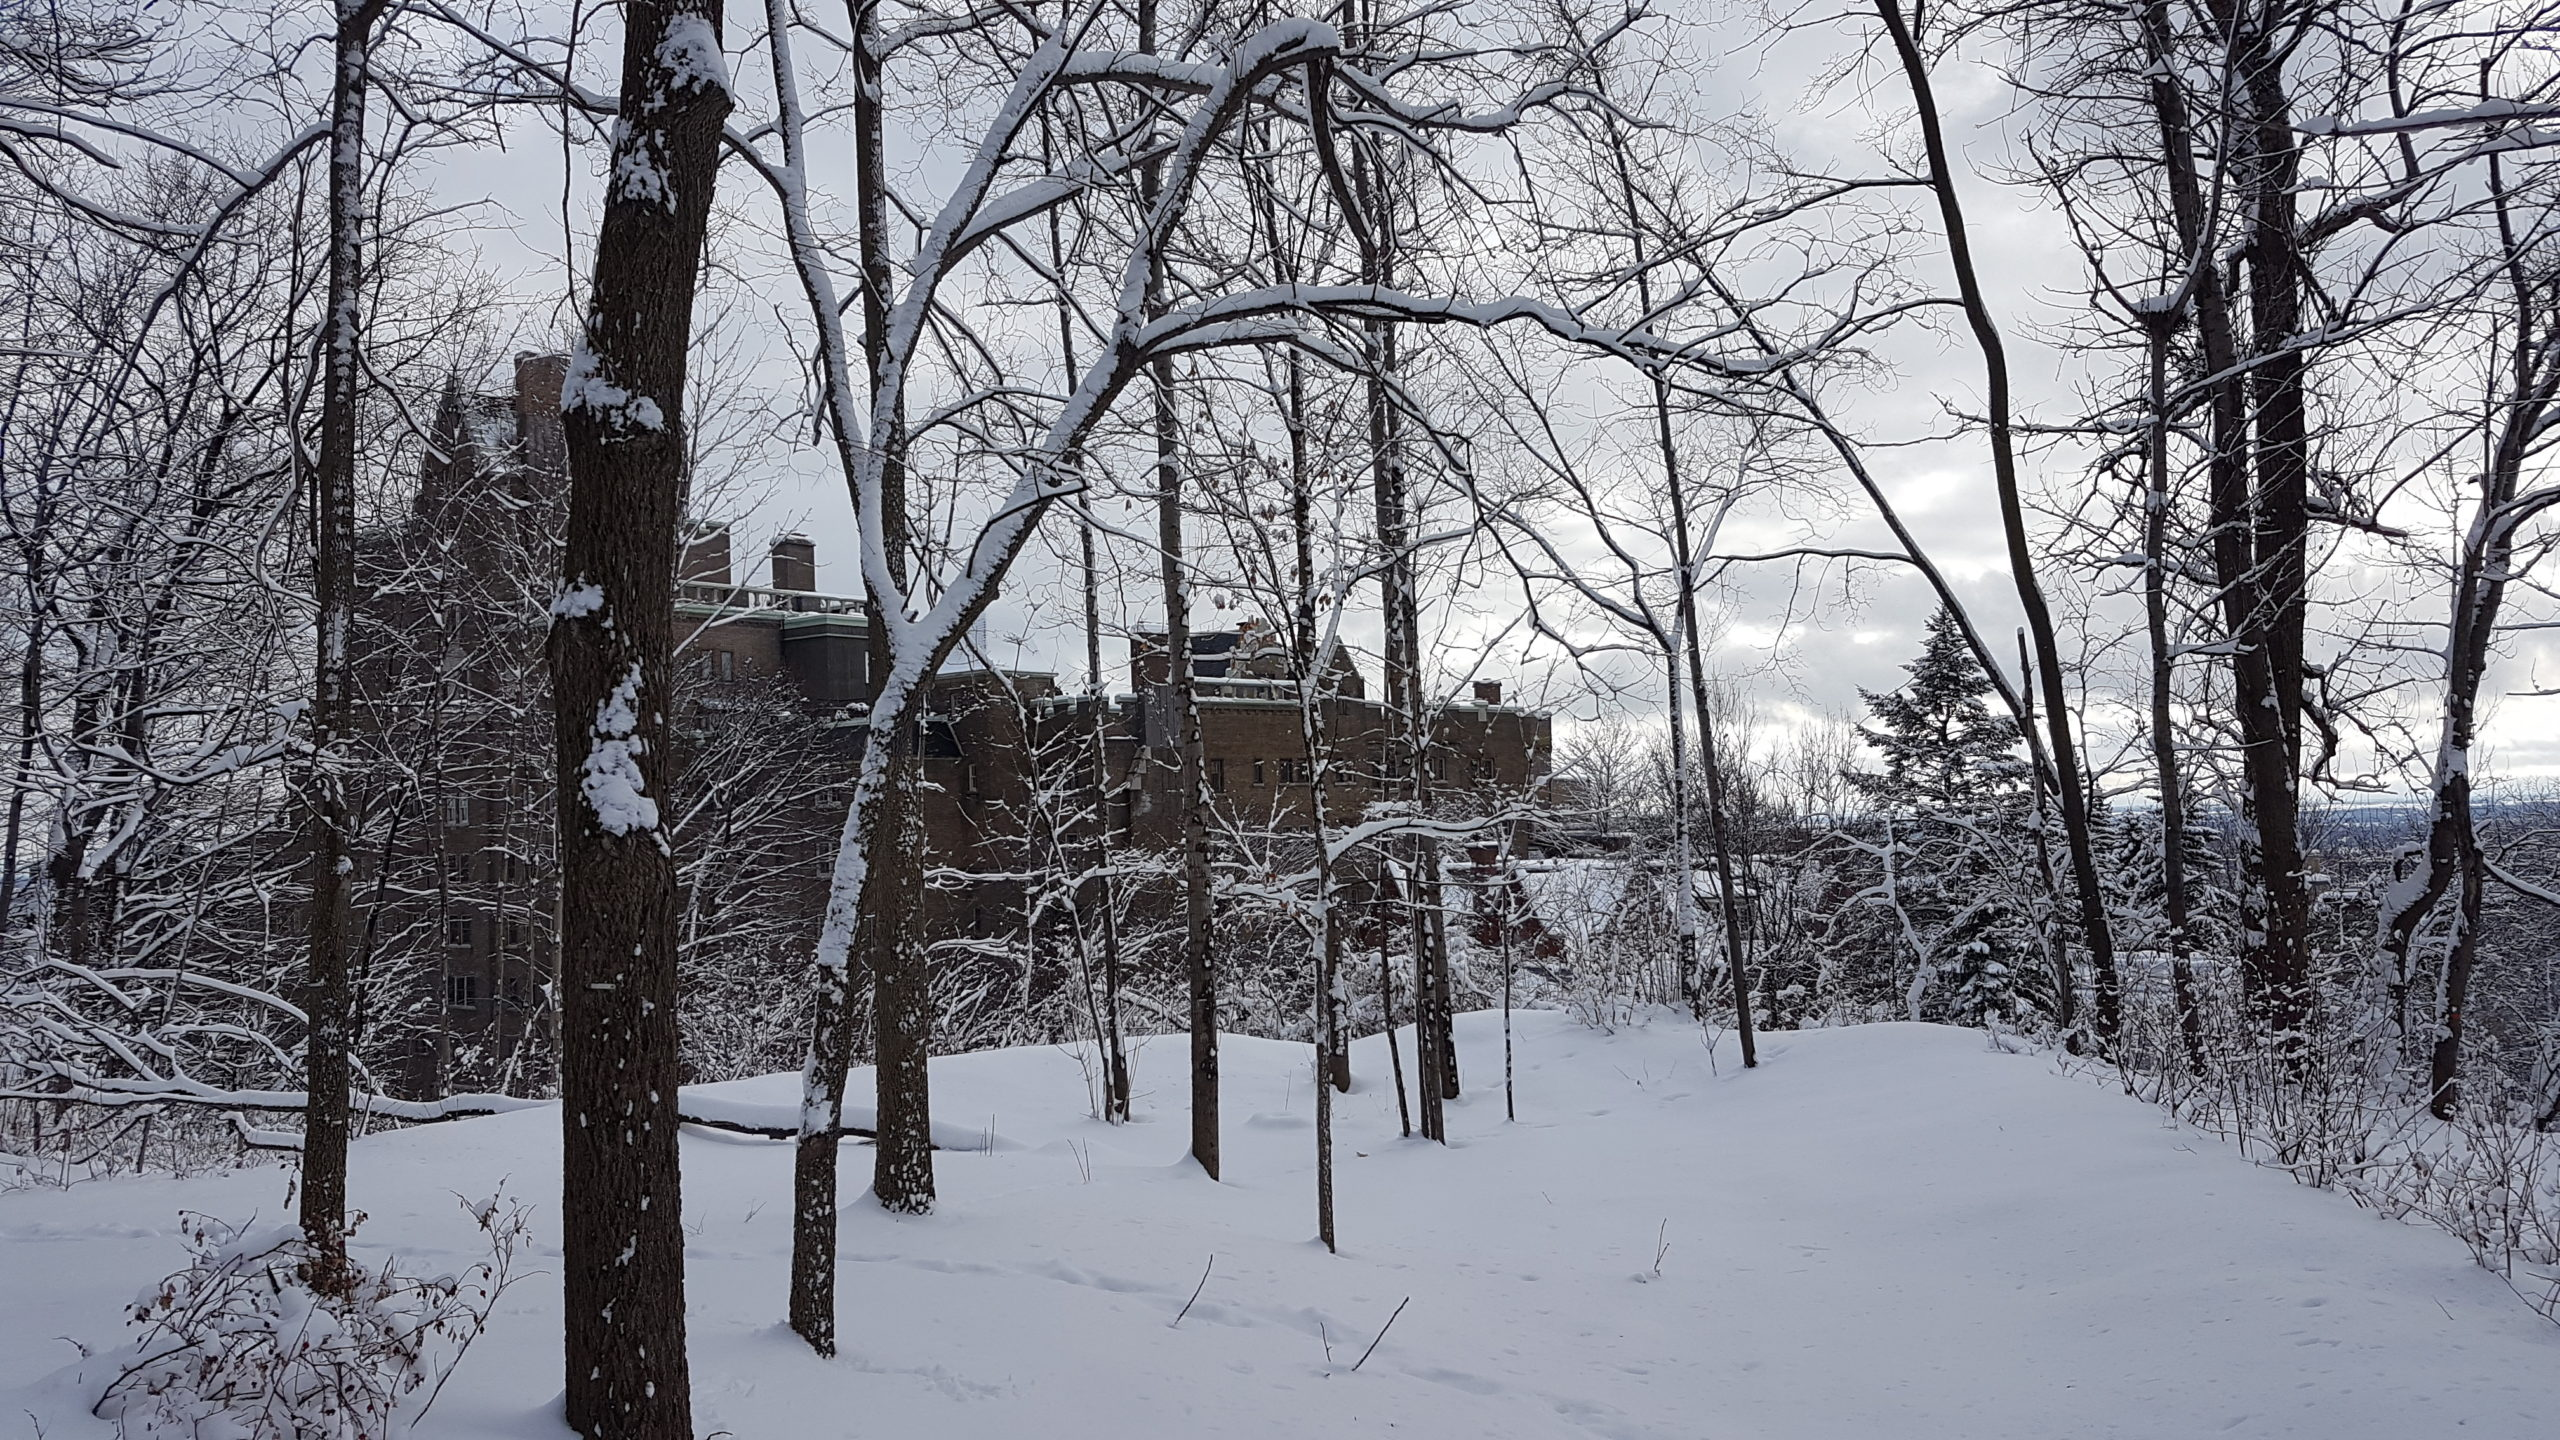 La neige tombée les derniers jours rend ce parc vraiment féérique 😉.